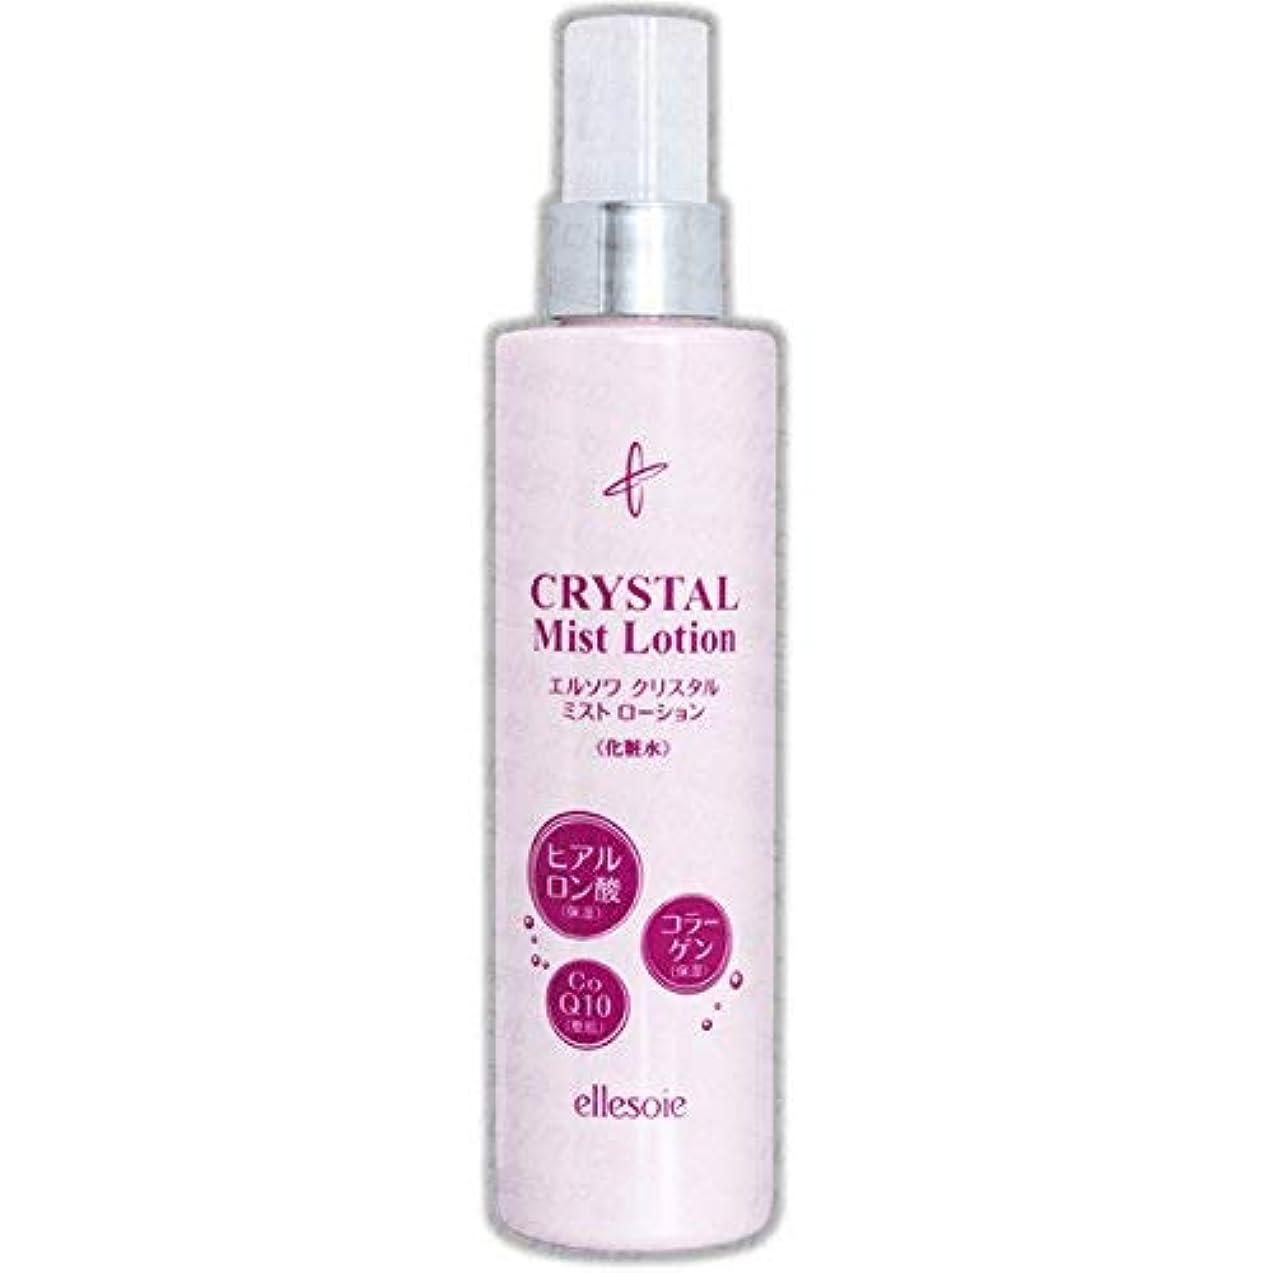 保証次トレイエルソワ化粧品(ellesoie) クリスタル ミストローション 化粧水 (ミストローション)